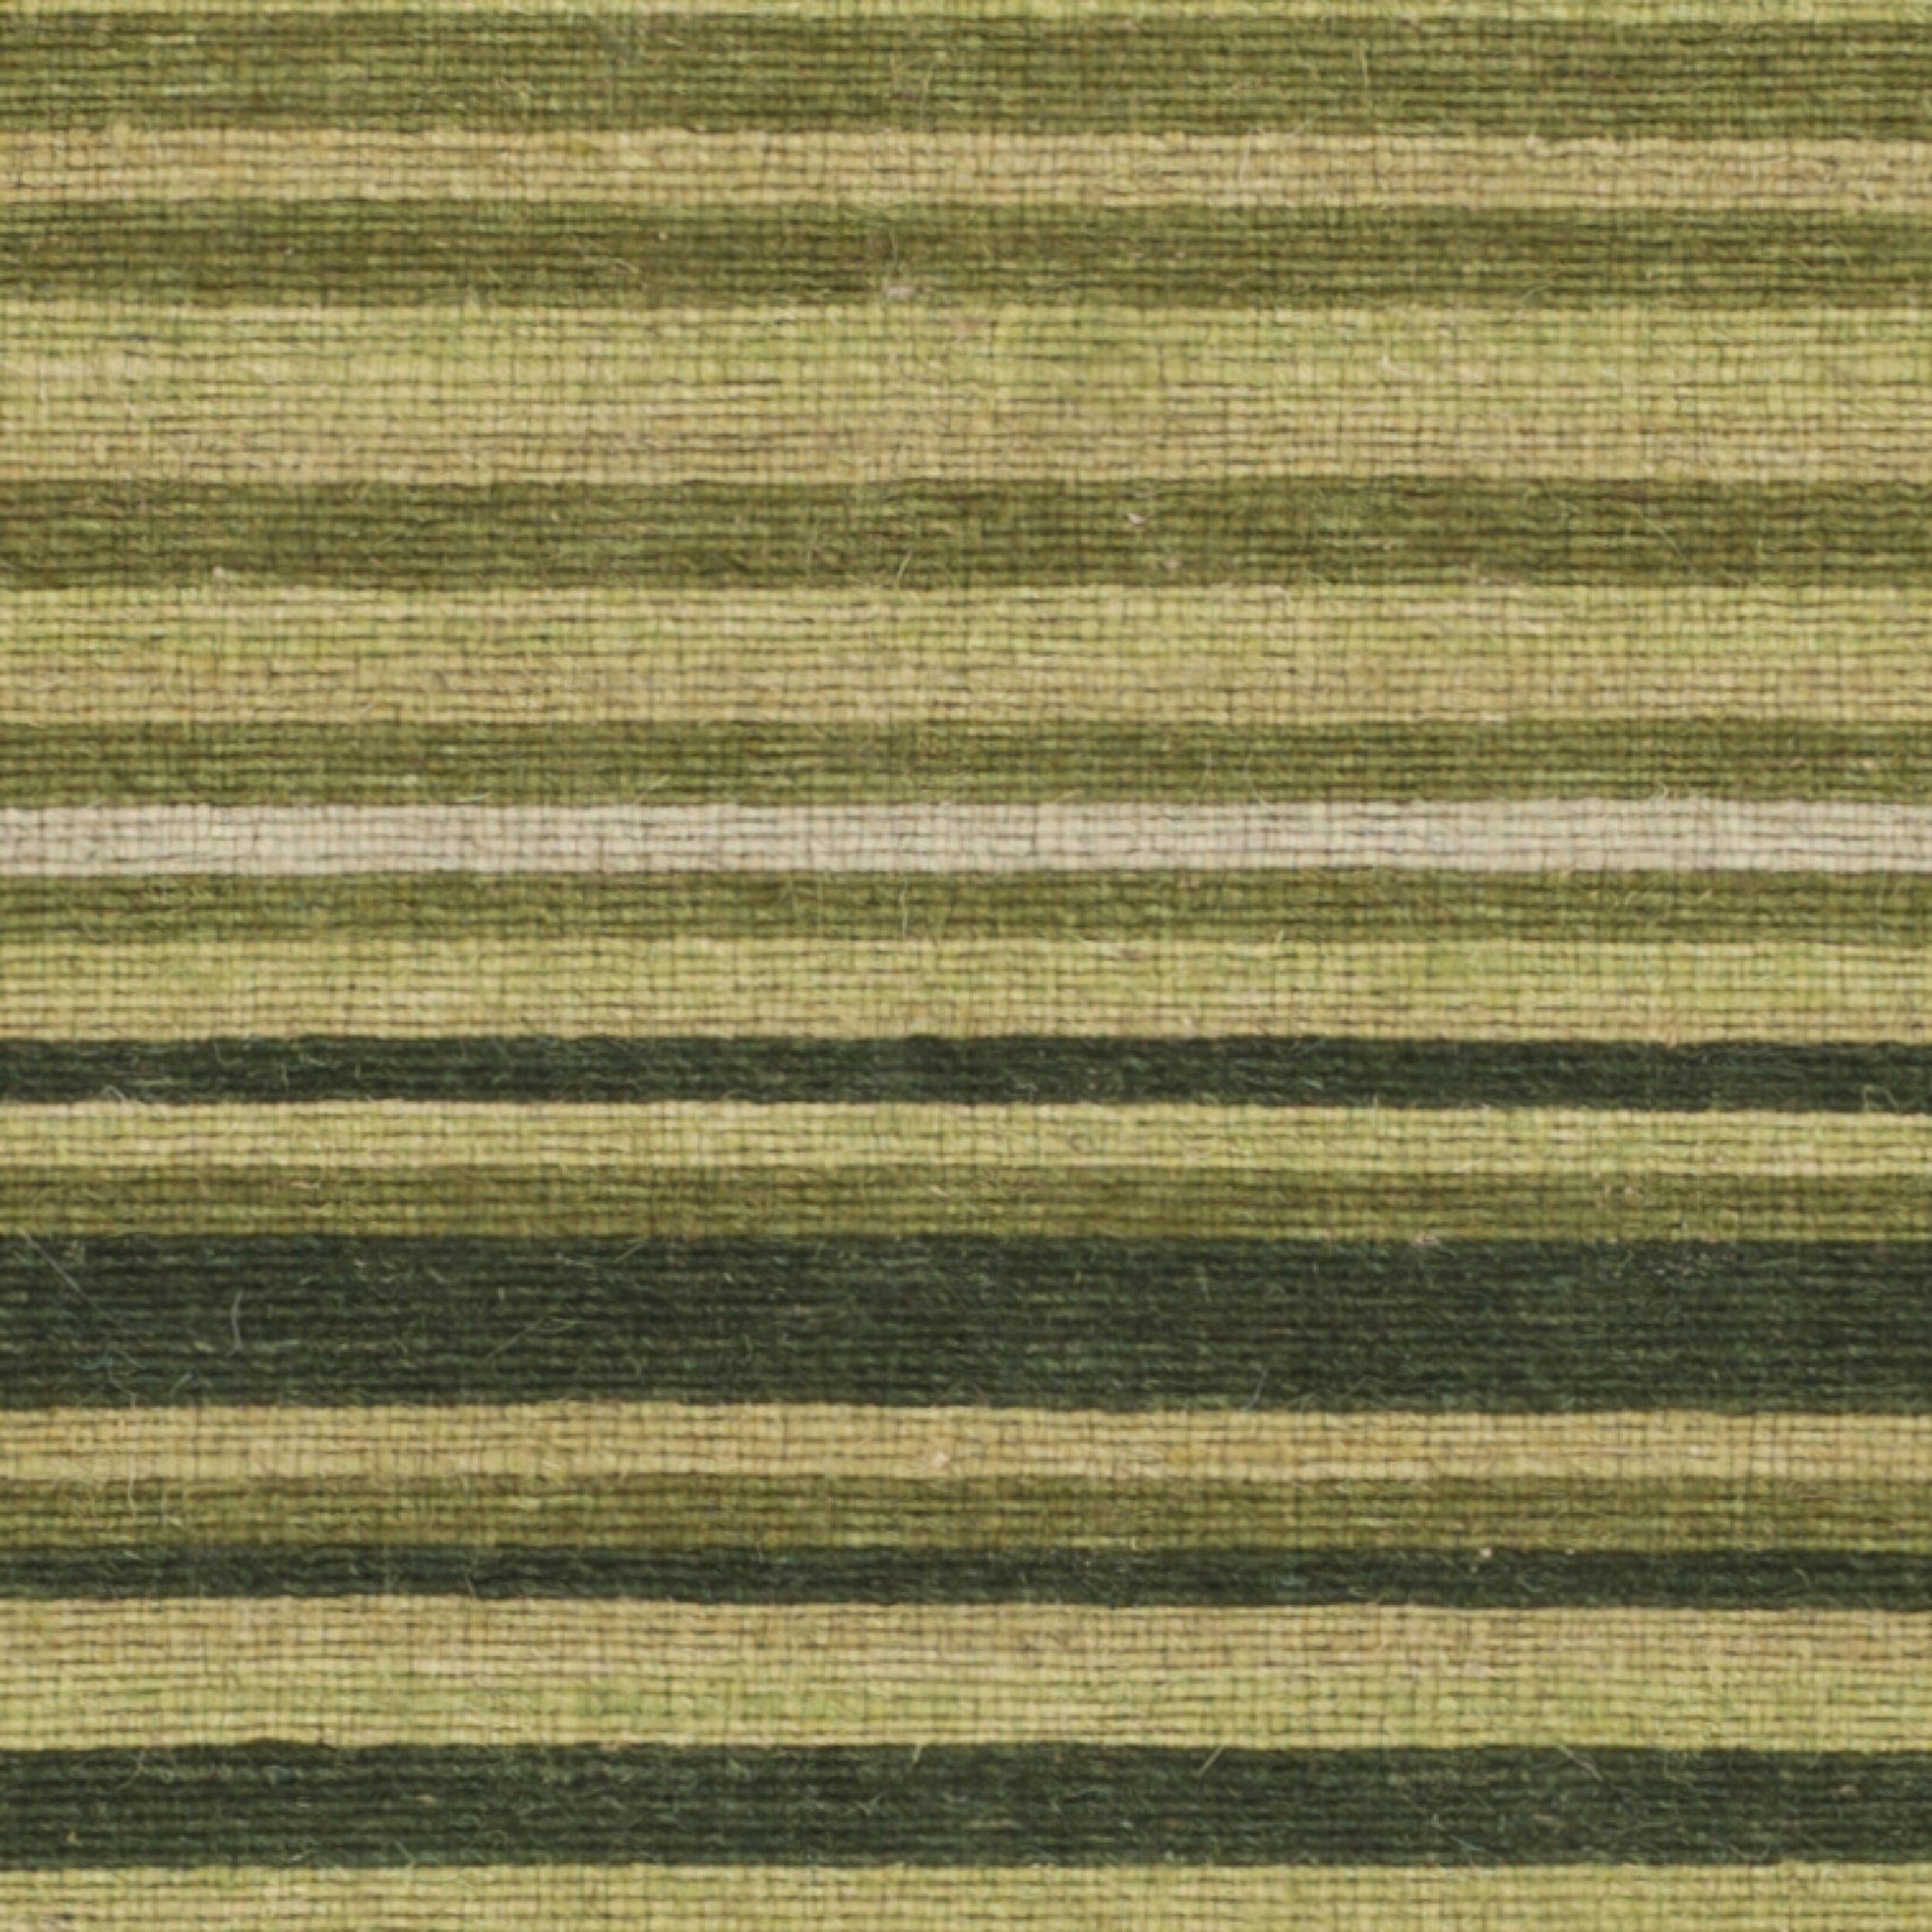 Safavieh Marbella Green Striped Contemporary Area Rug